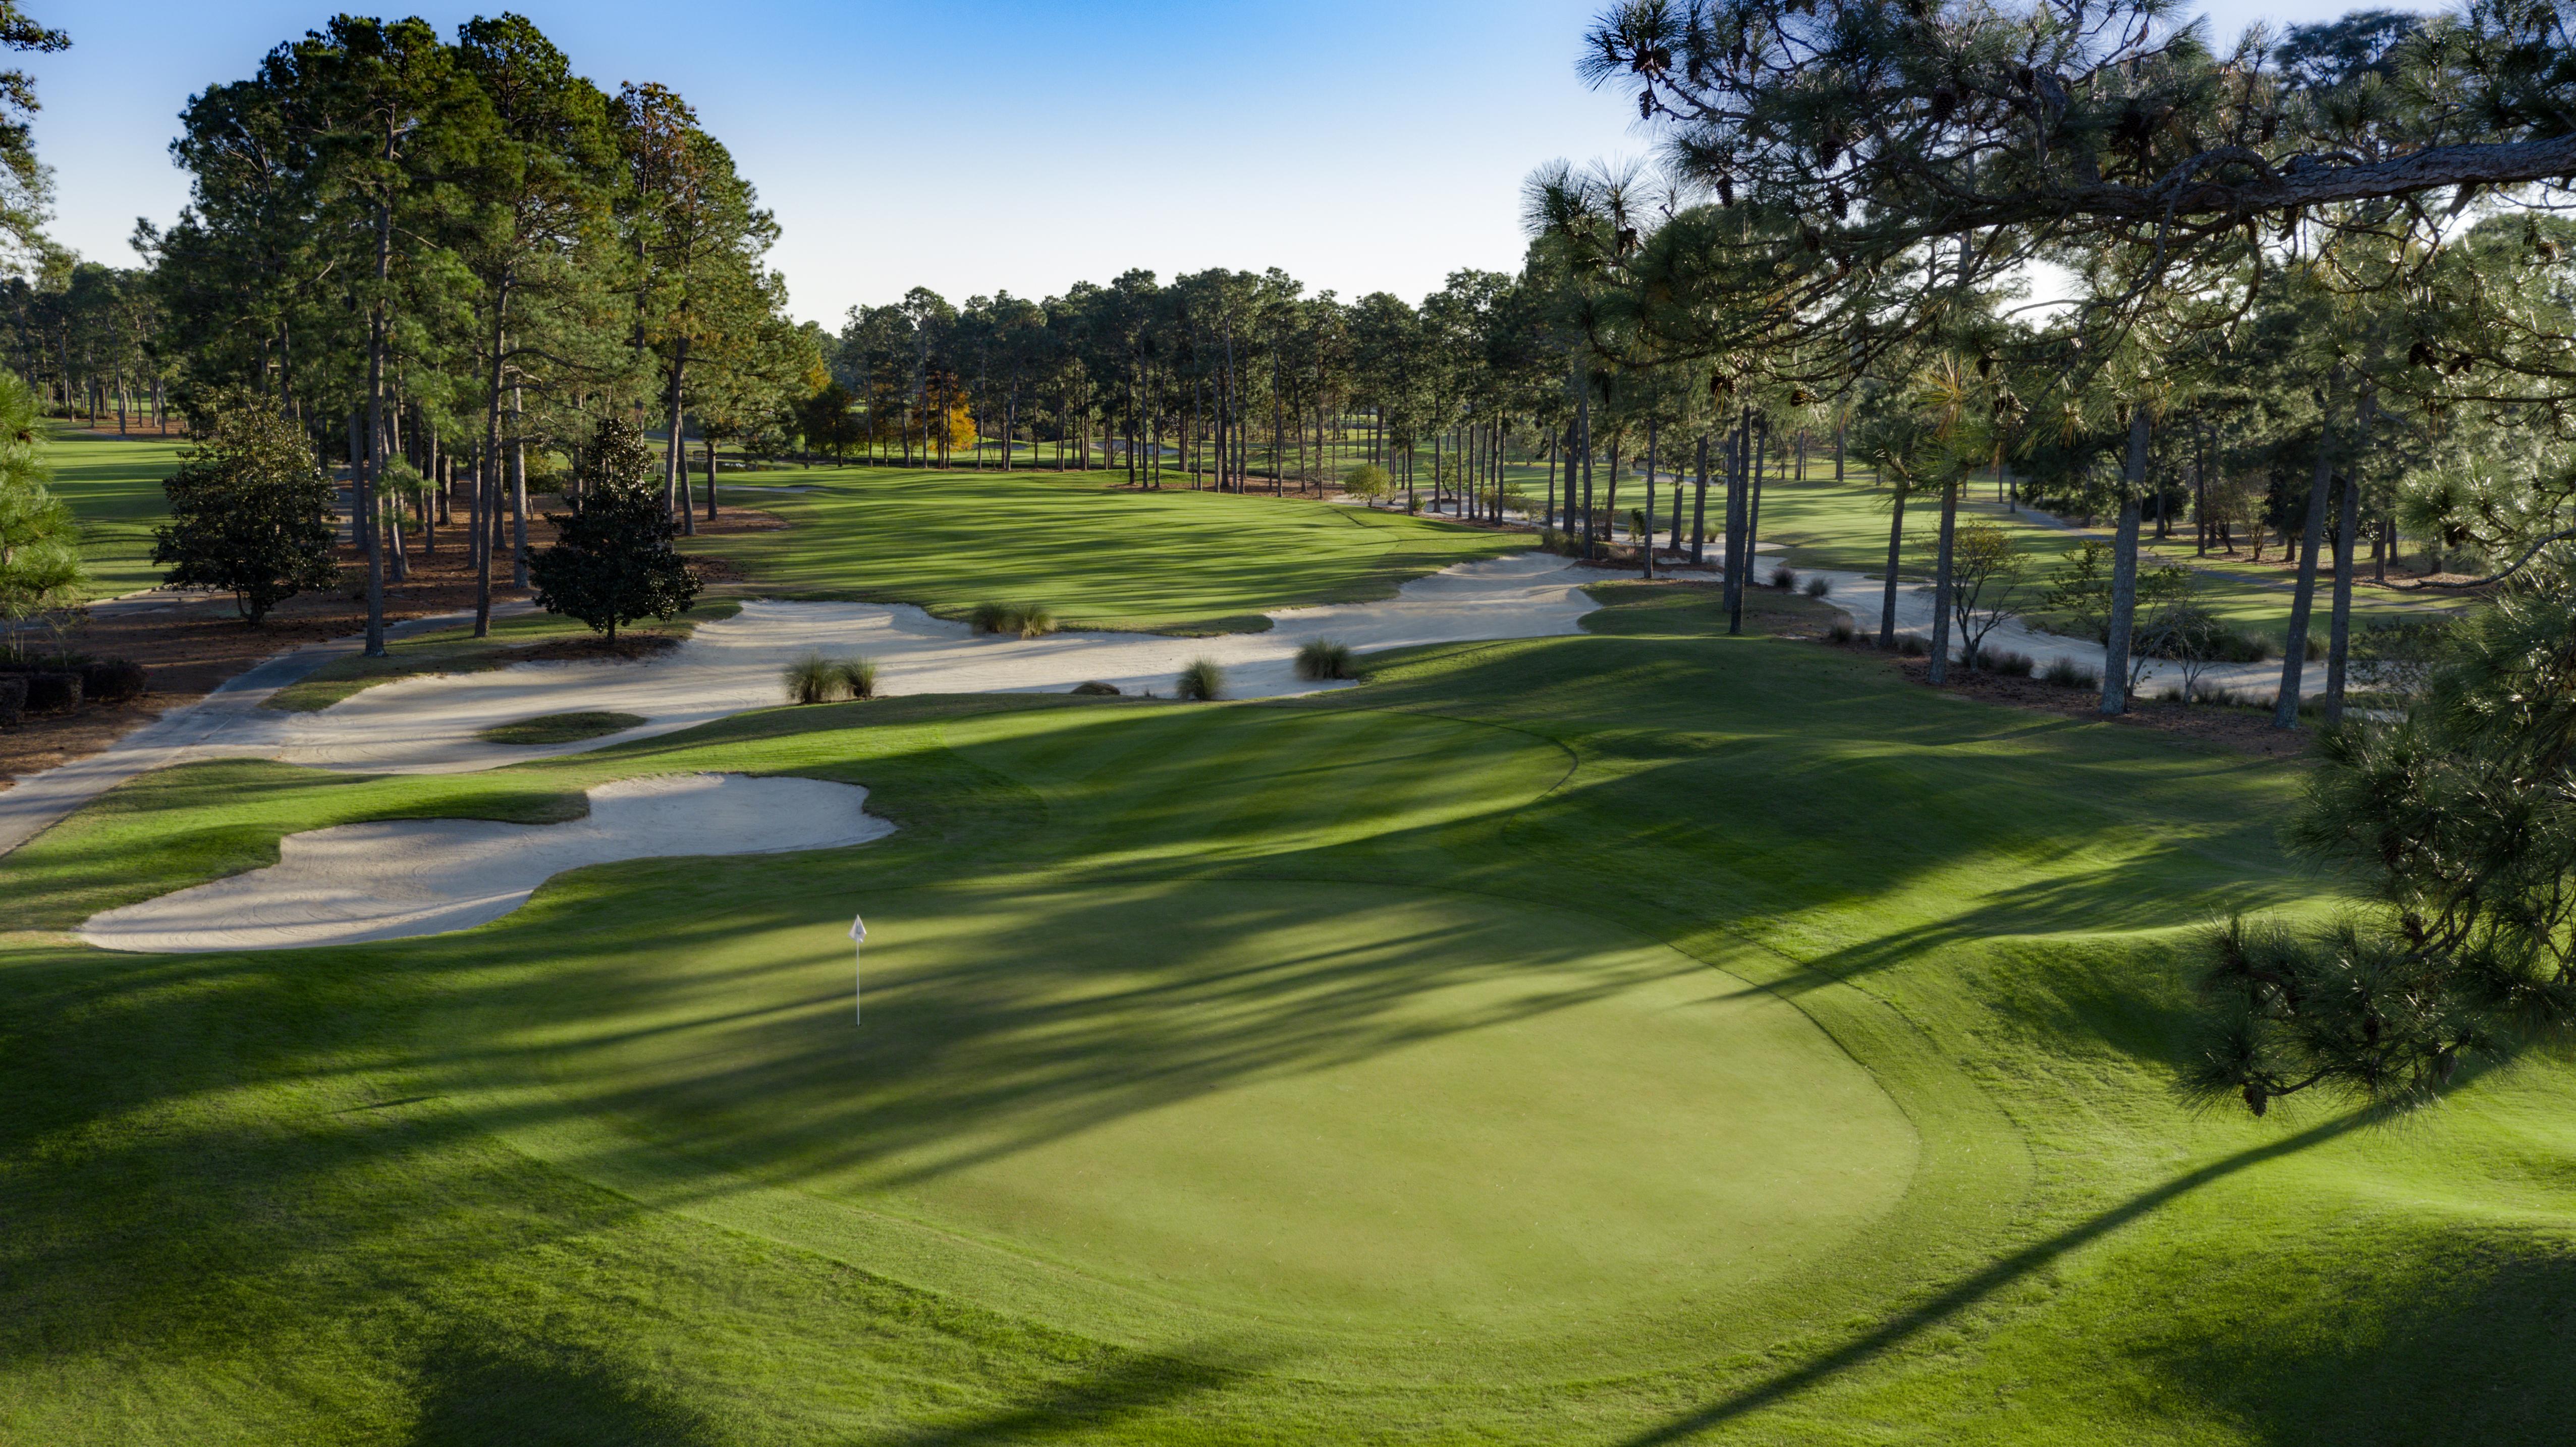 Approach Keeps Myrtle Beach Golf Green Year Round | Myrtle ...